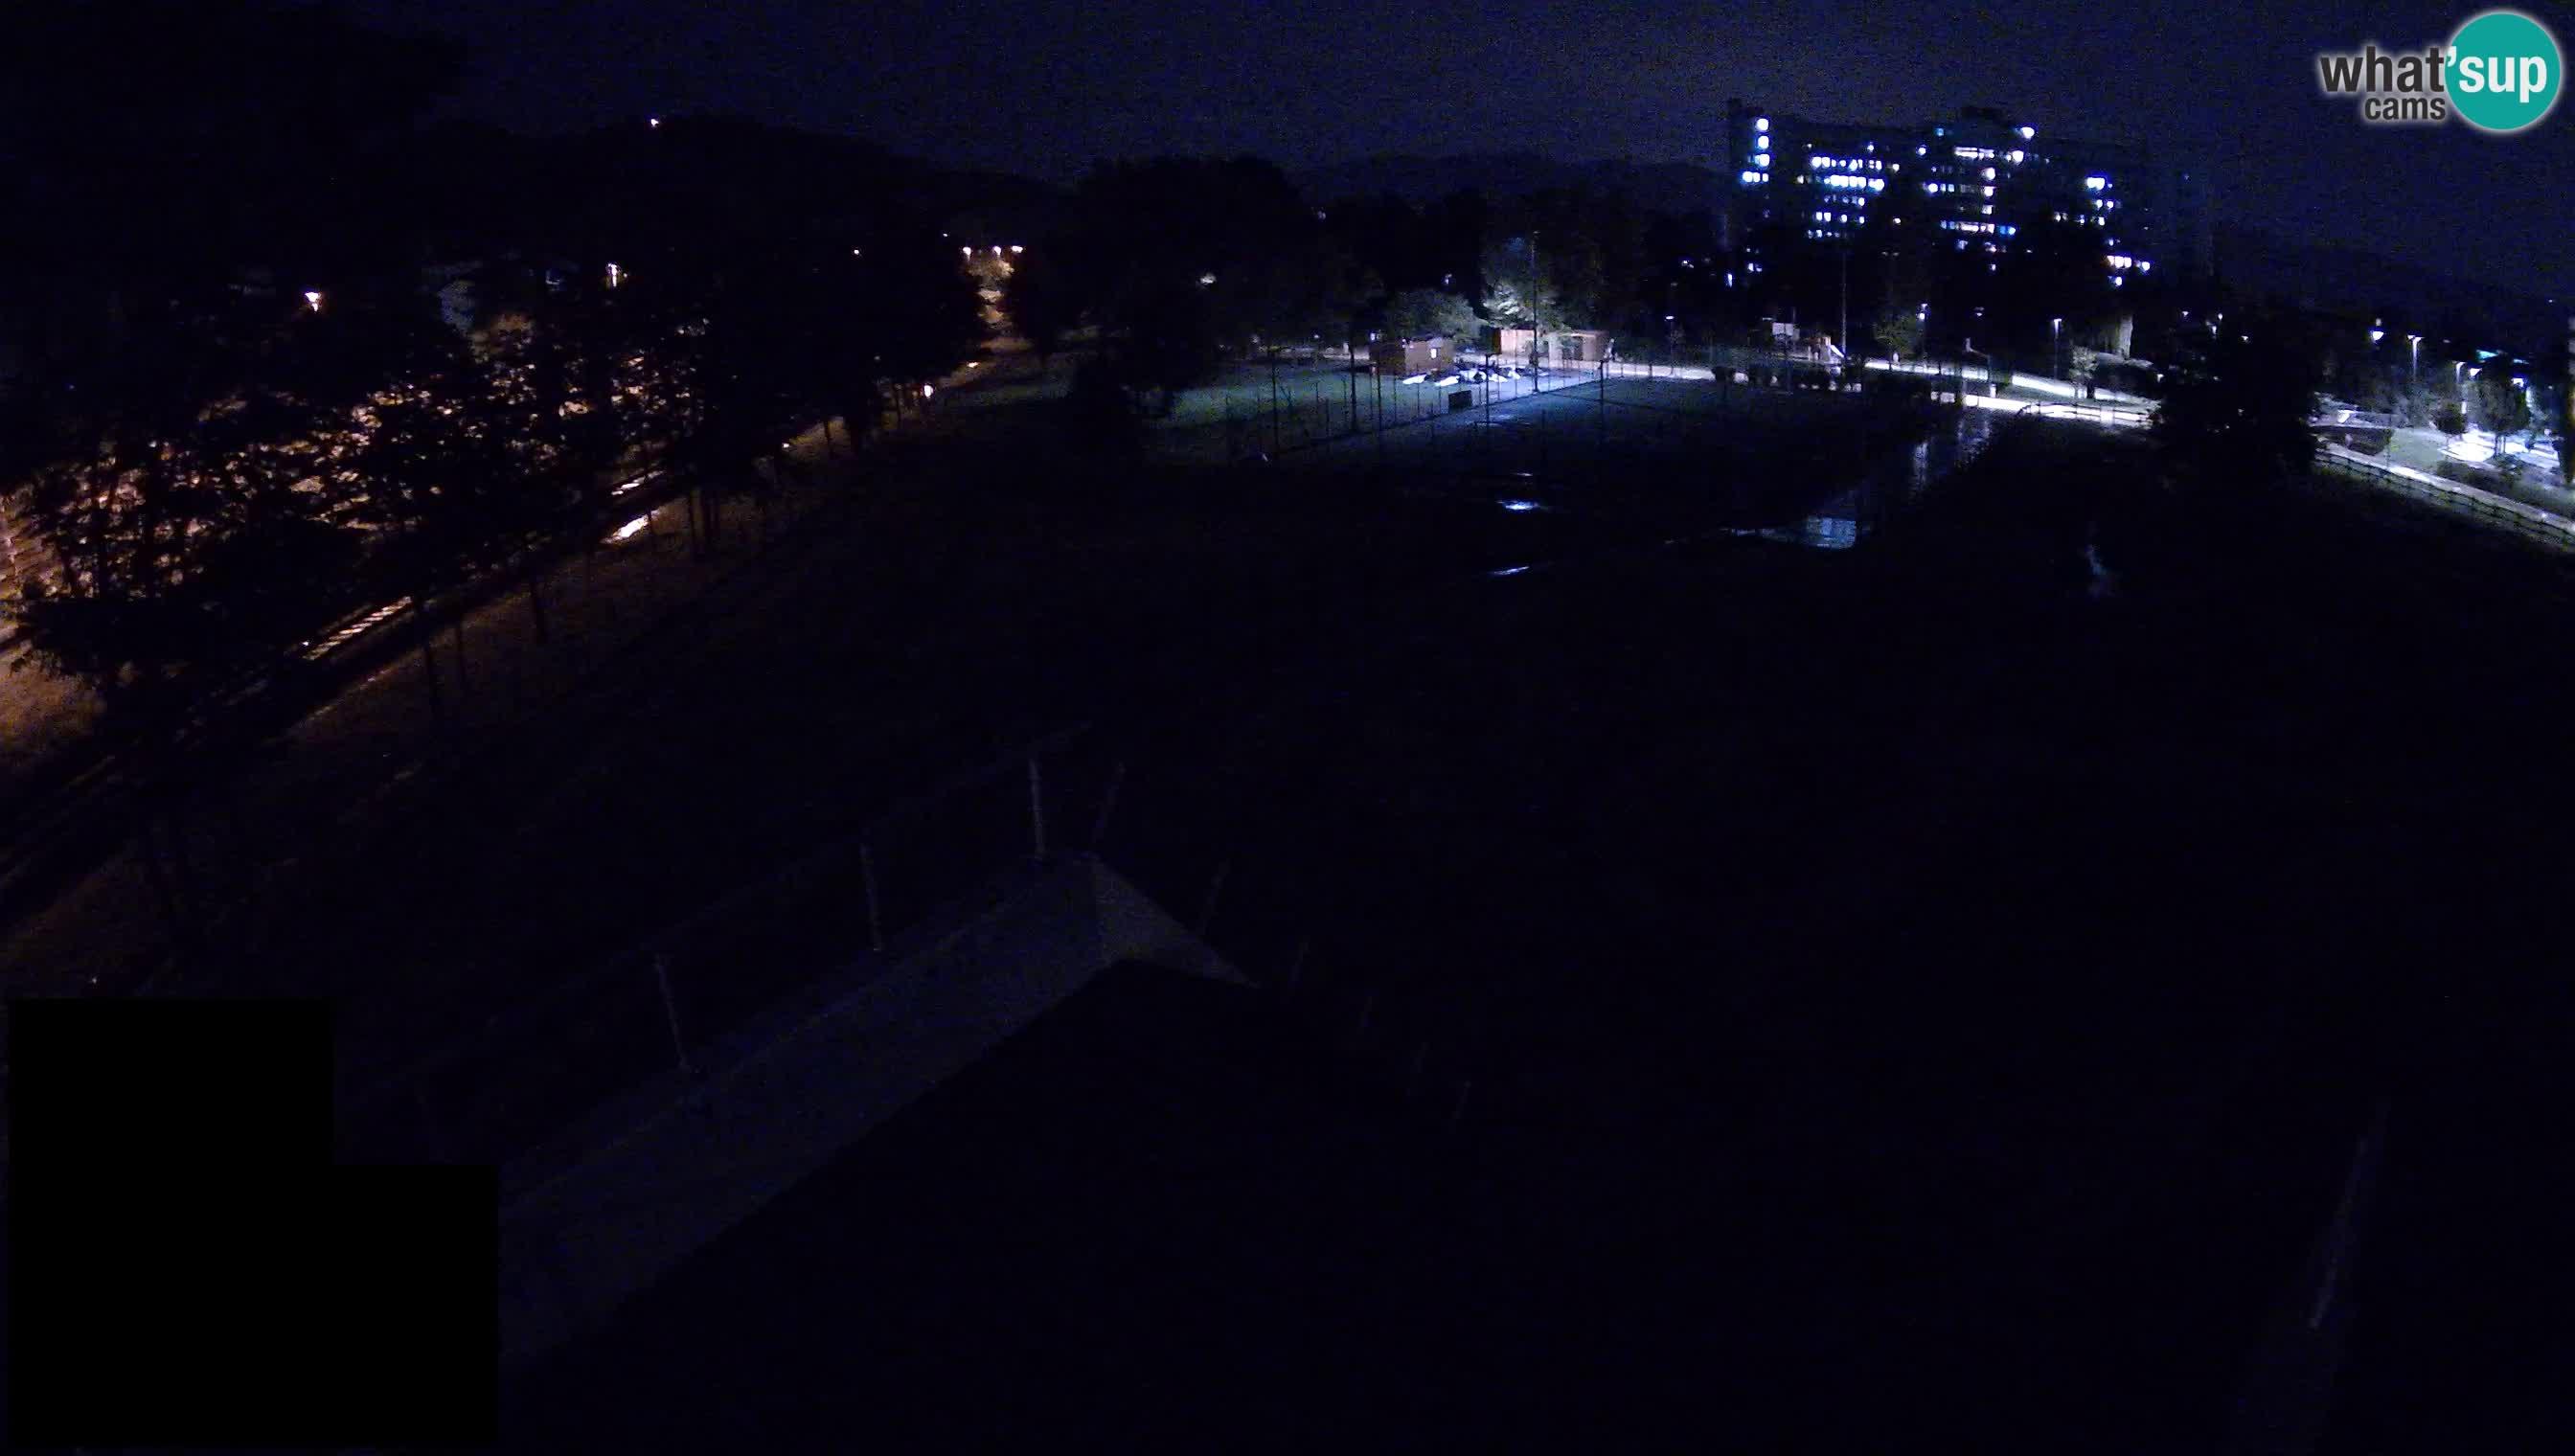 Športni park Šempeter pri Gorici spletna kamera Goriška